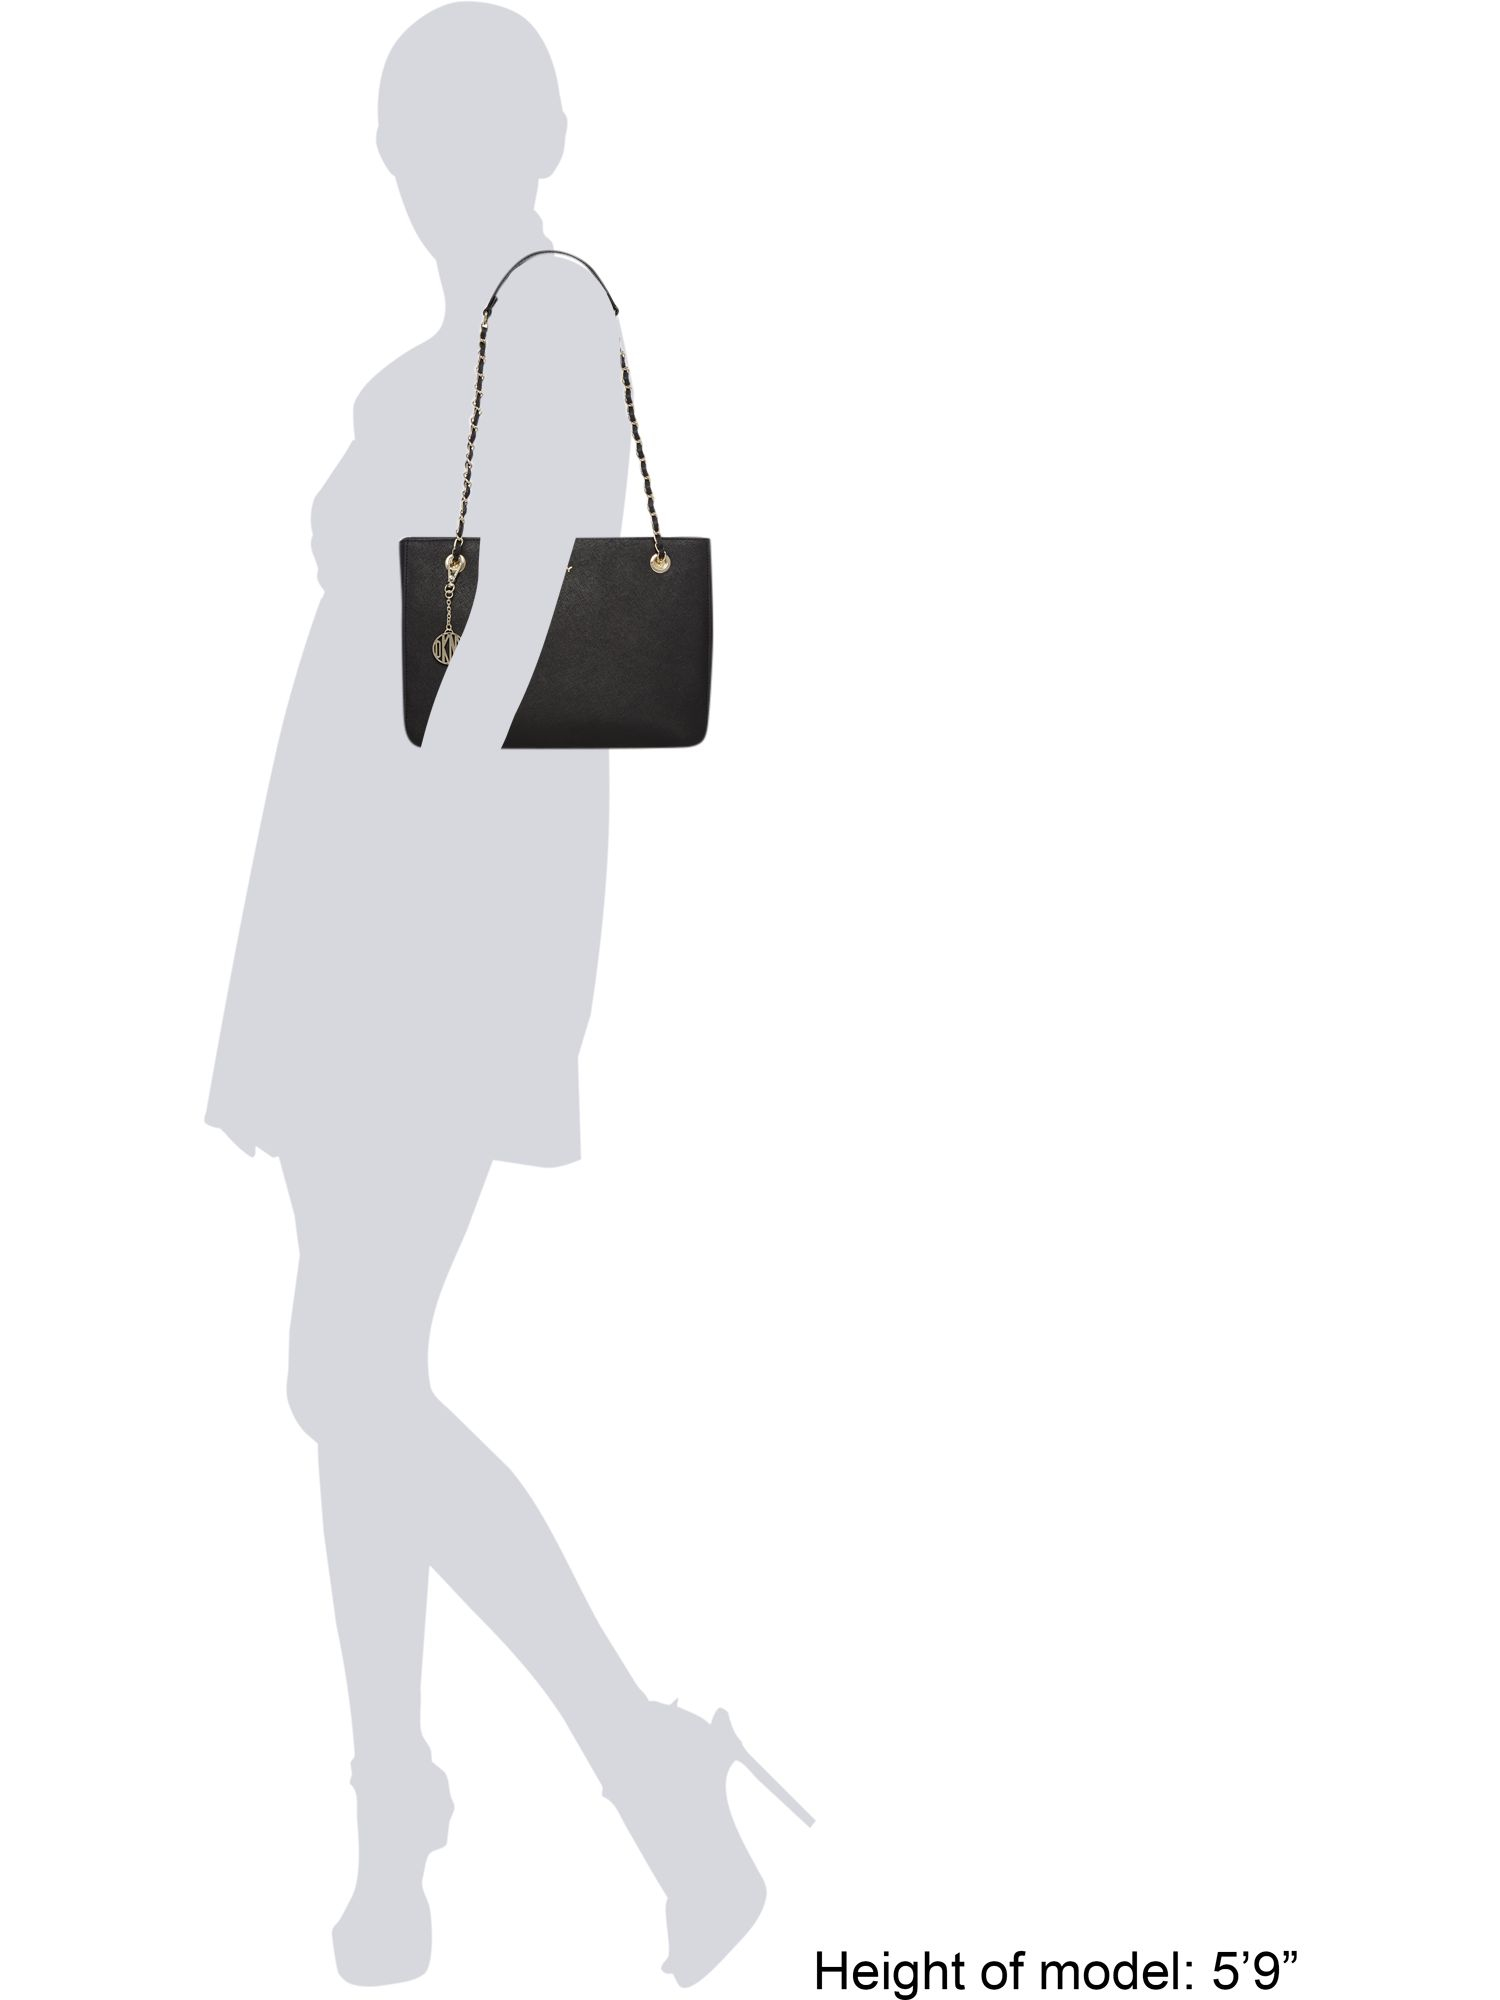 DKNY Saffiano Black Medium Tote Bag